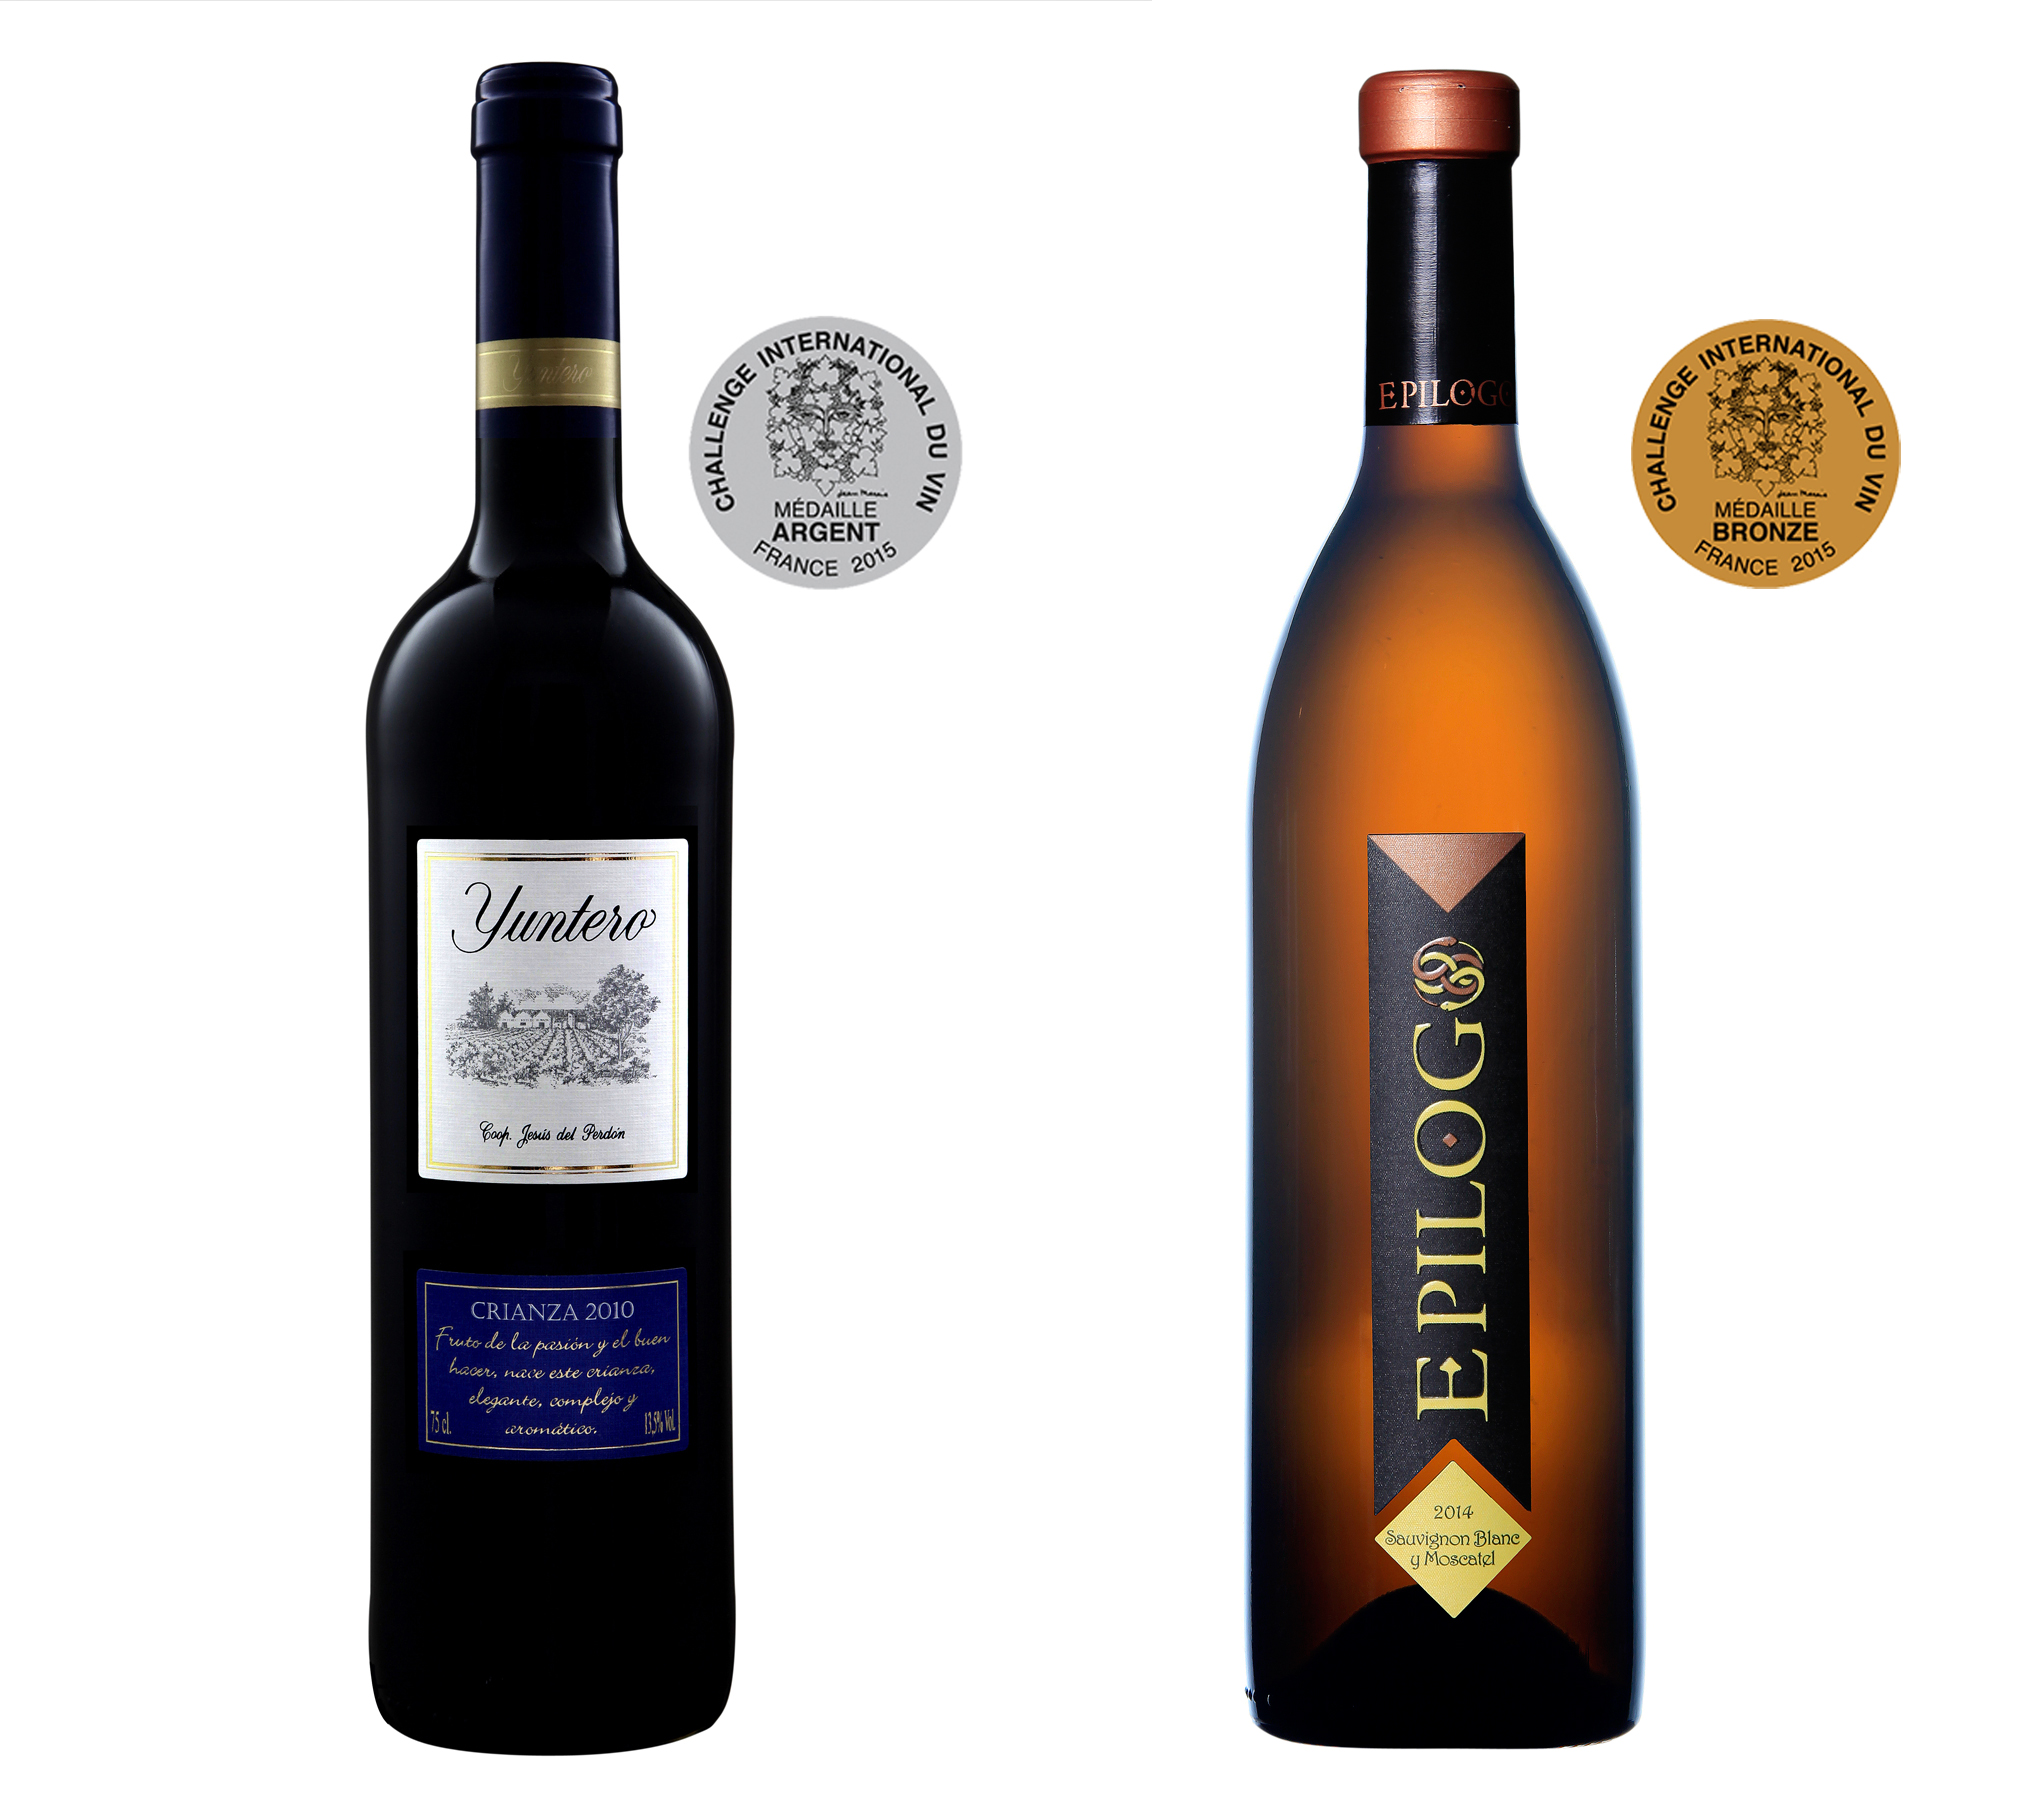 Bodegas Yuntero premiada con plata y bronce en el concurso Challenge International du Vin de Francia